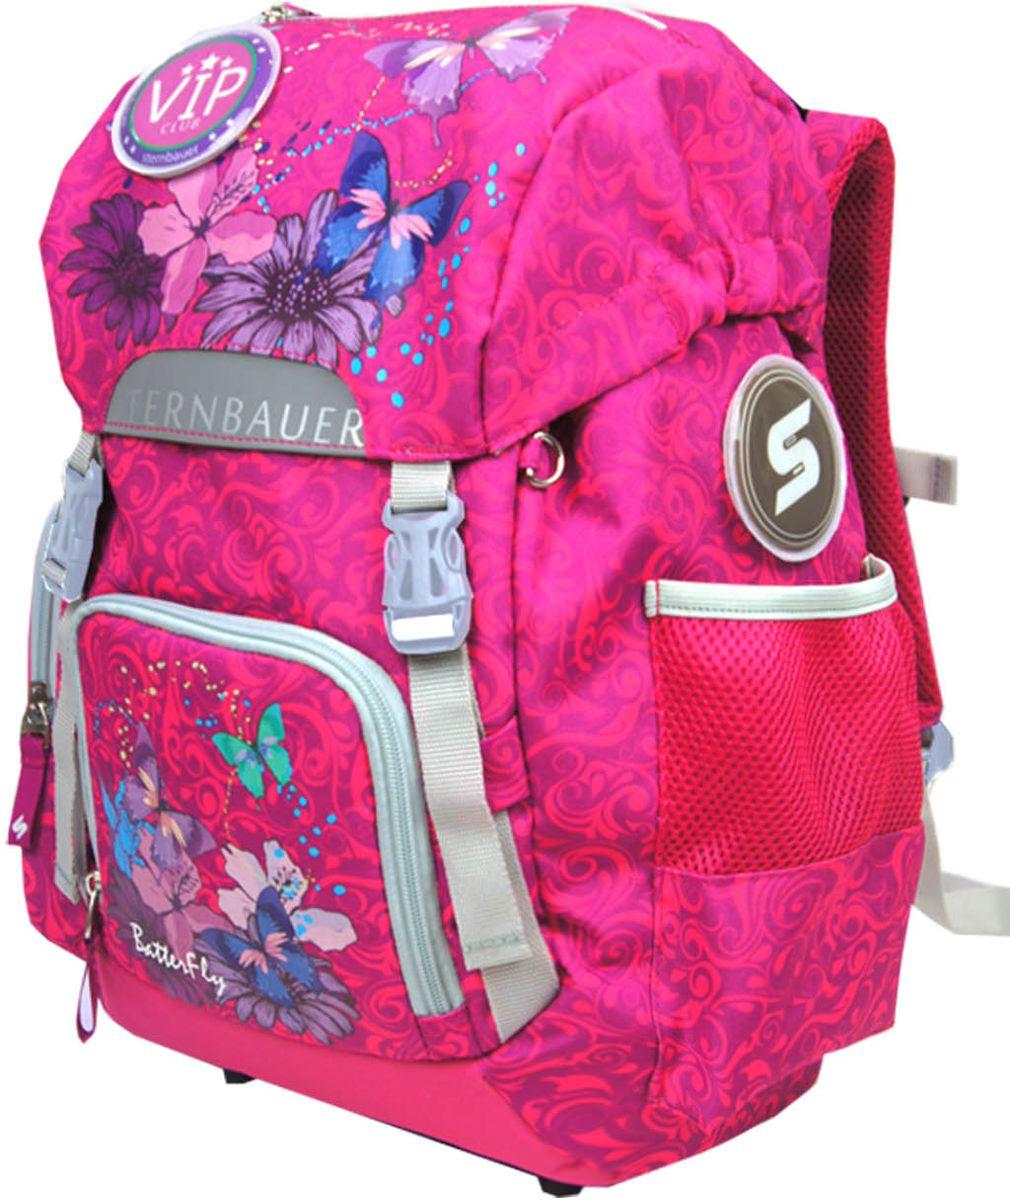 Sternbauer Рюкзак школьный SB цвет розовый 56045604Новая серия рюкзаков с кулискойКомпактный размер - вместительный объемВес всего 800 граммОртопедическая спинка с анатомическими вставкамиНагрудный фиксаторДополнительный внутренний объем за счет кулискиПлотное дно